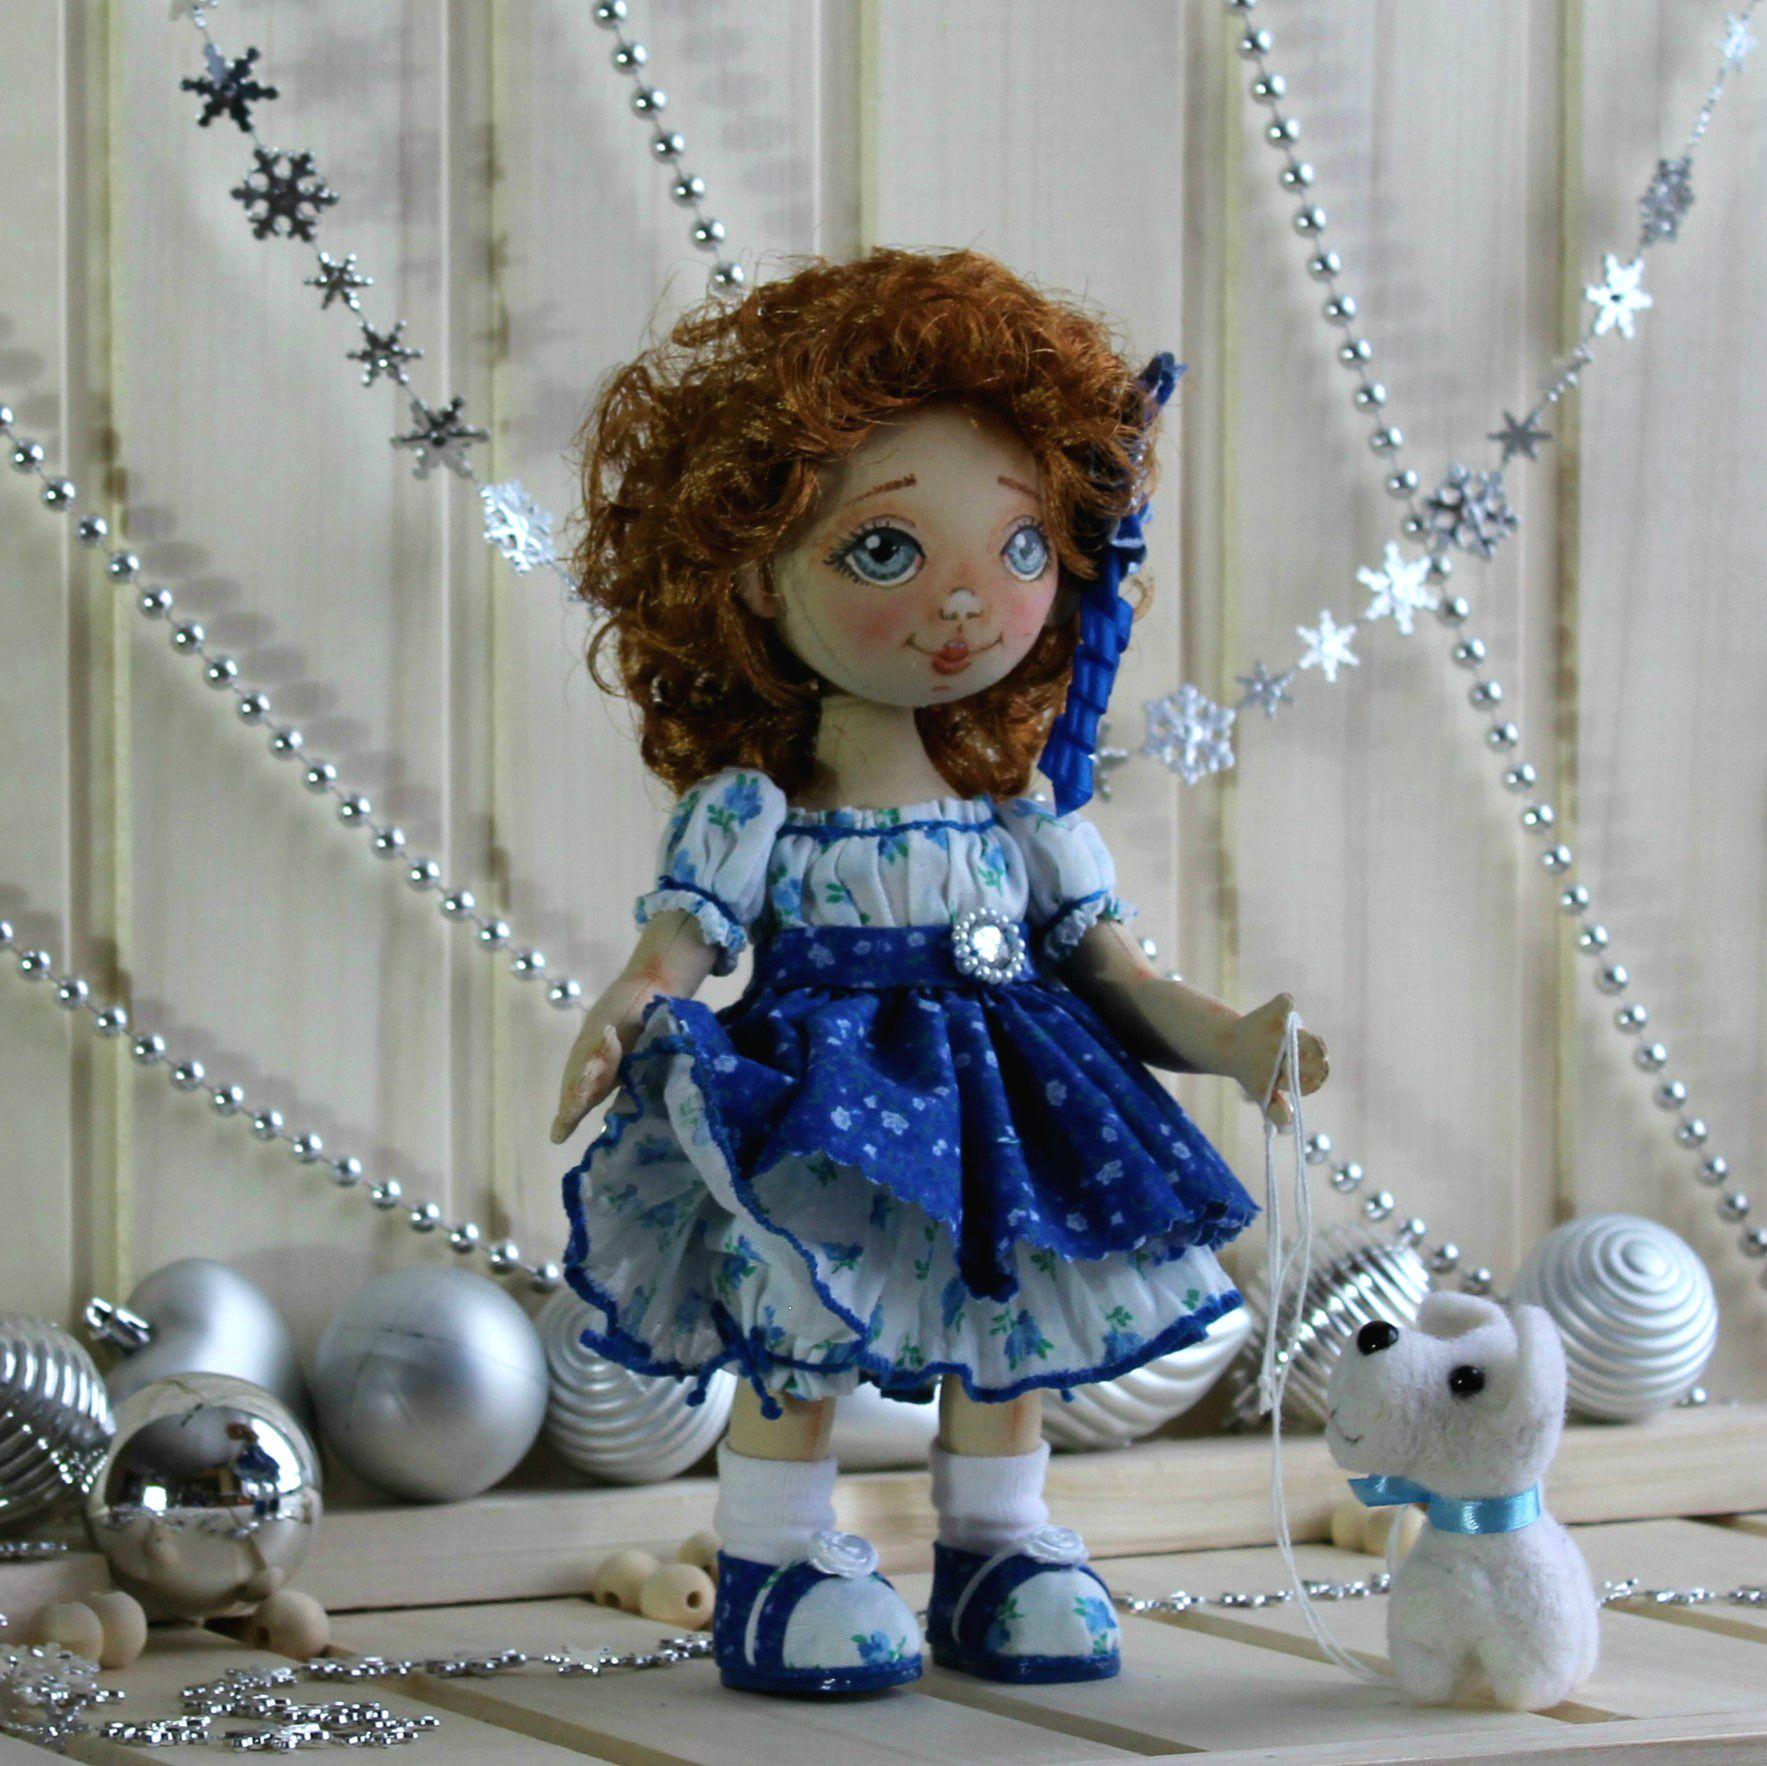 интерьерная любимая кукла праздник подарки текстильная